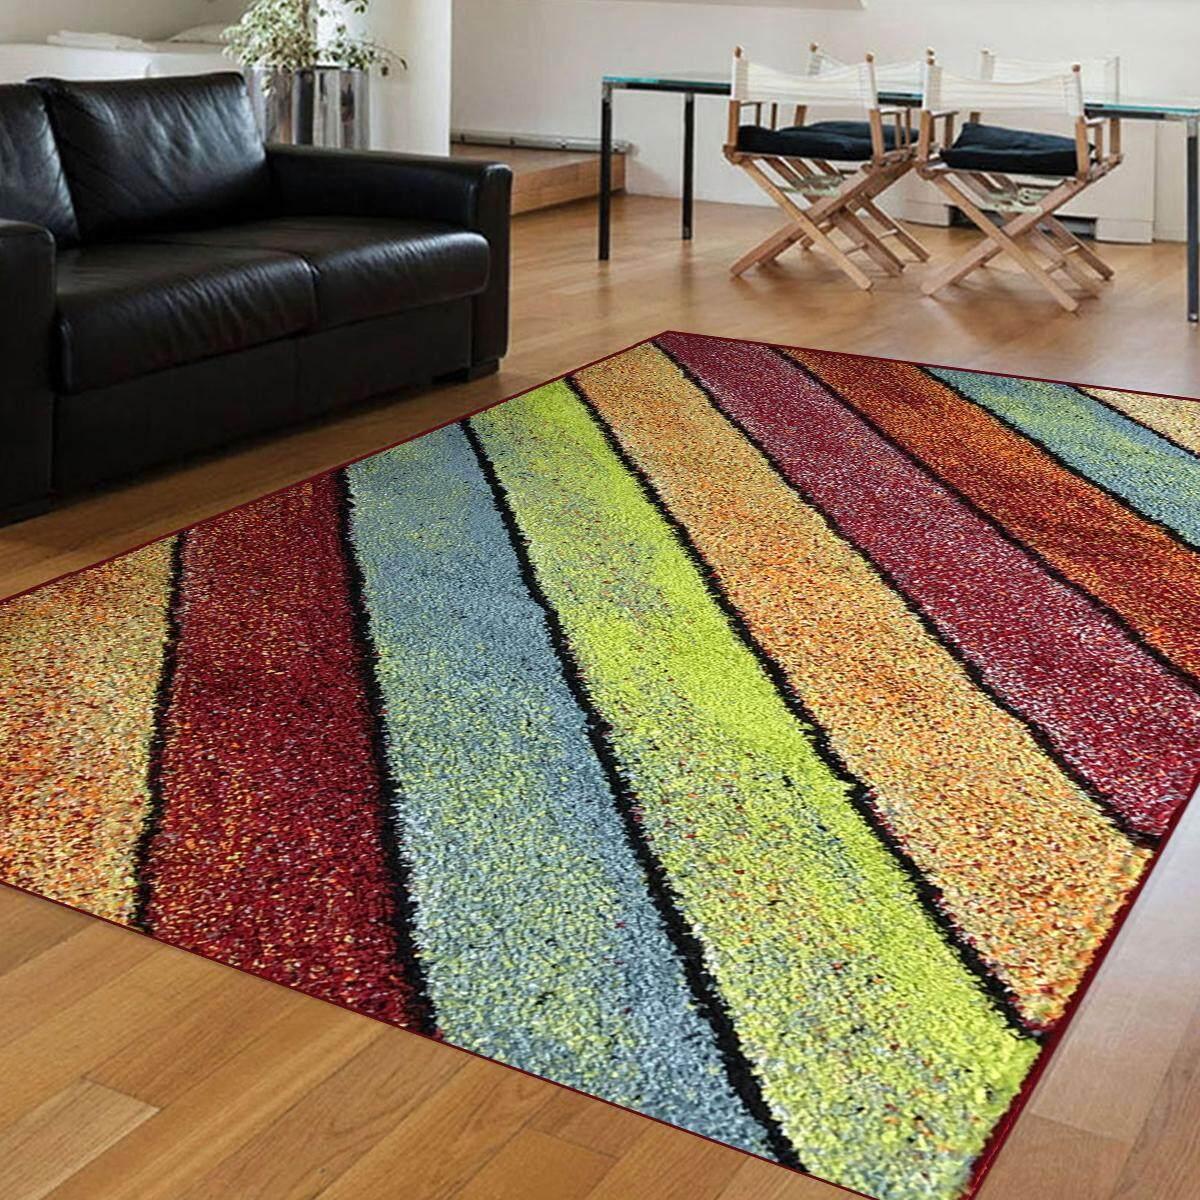 Modern Carpet Da Vinci - Code 1201